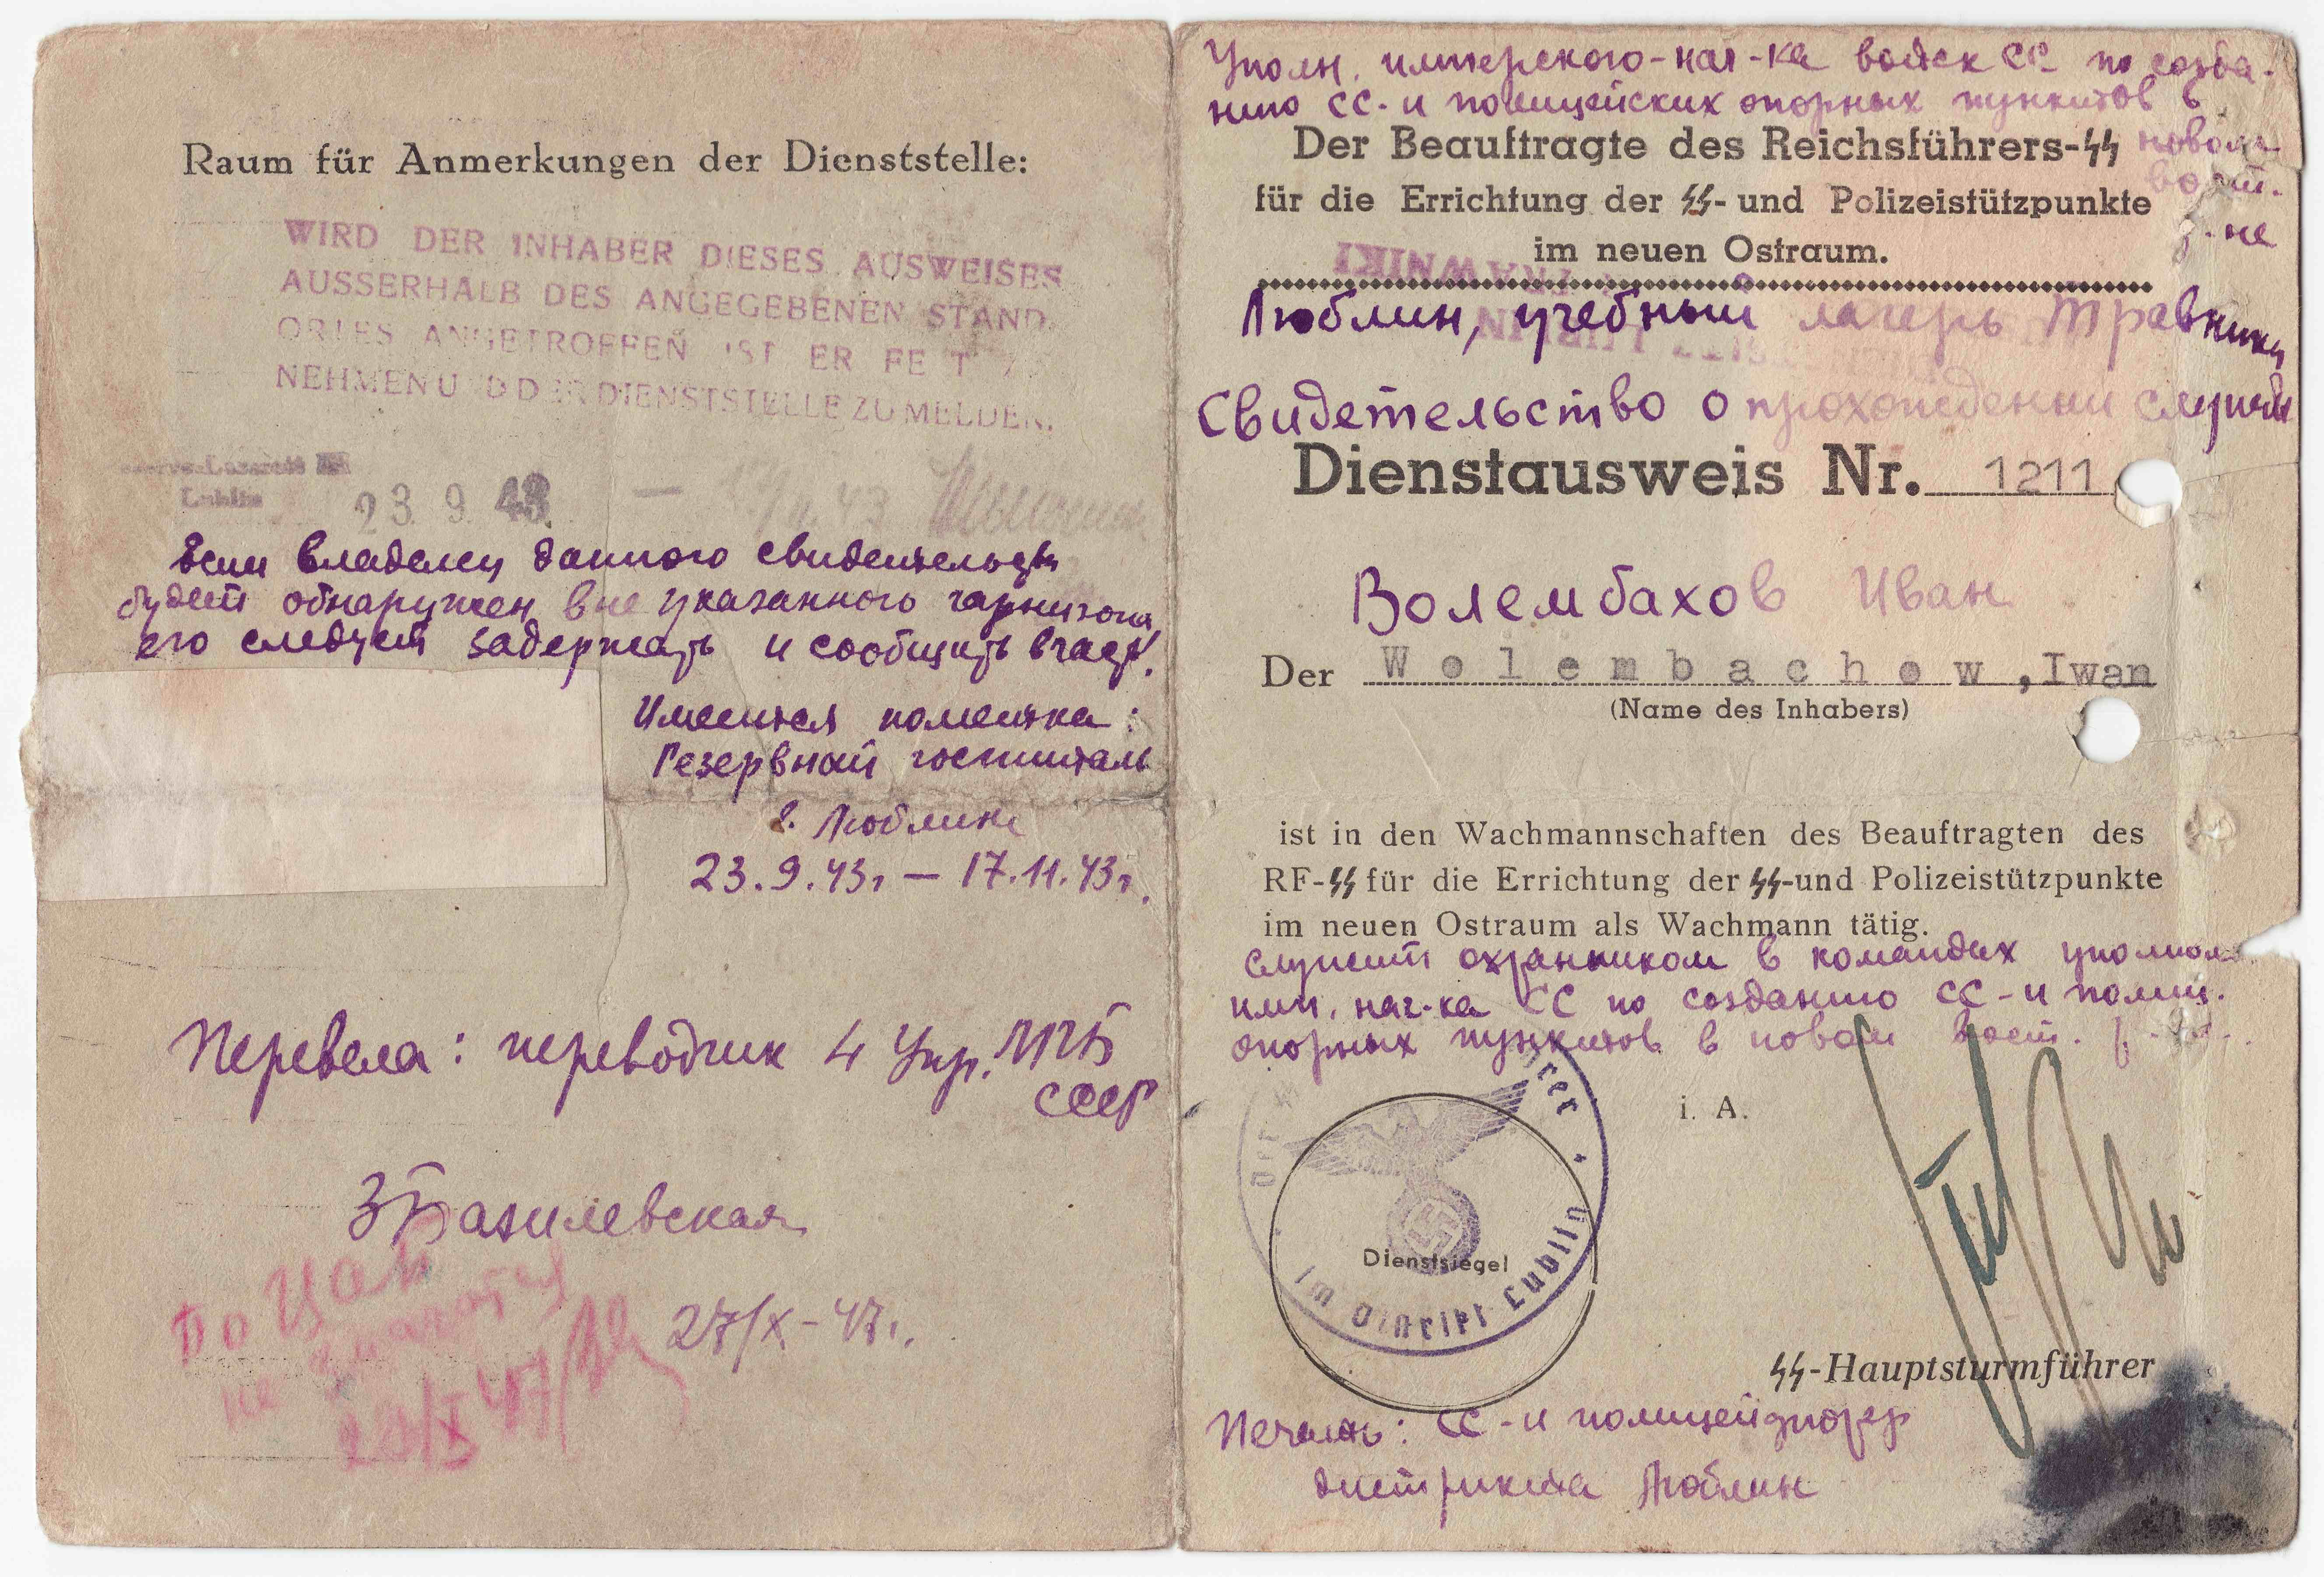 Briefe Adressieren Russland : Rußland feldpost briefe